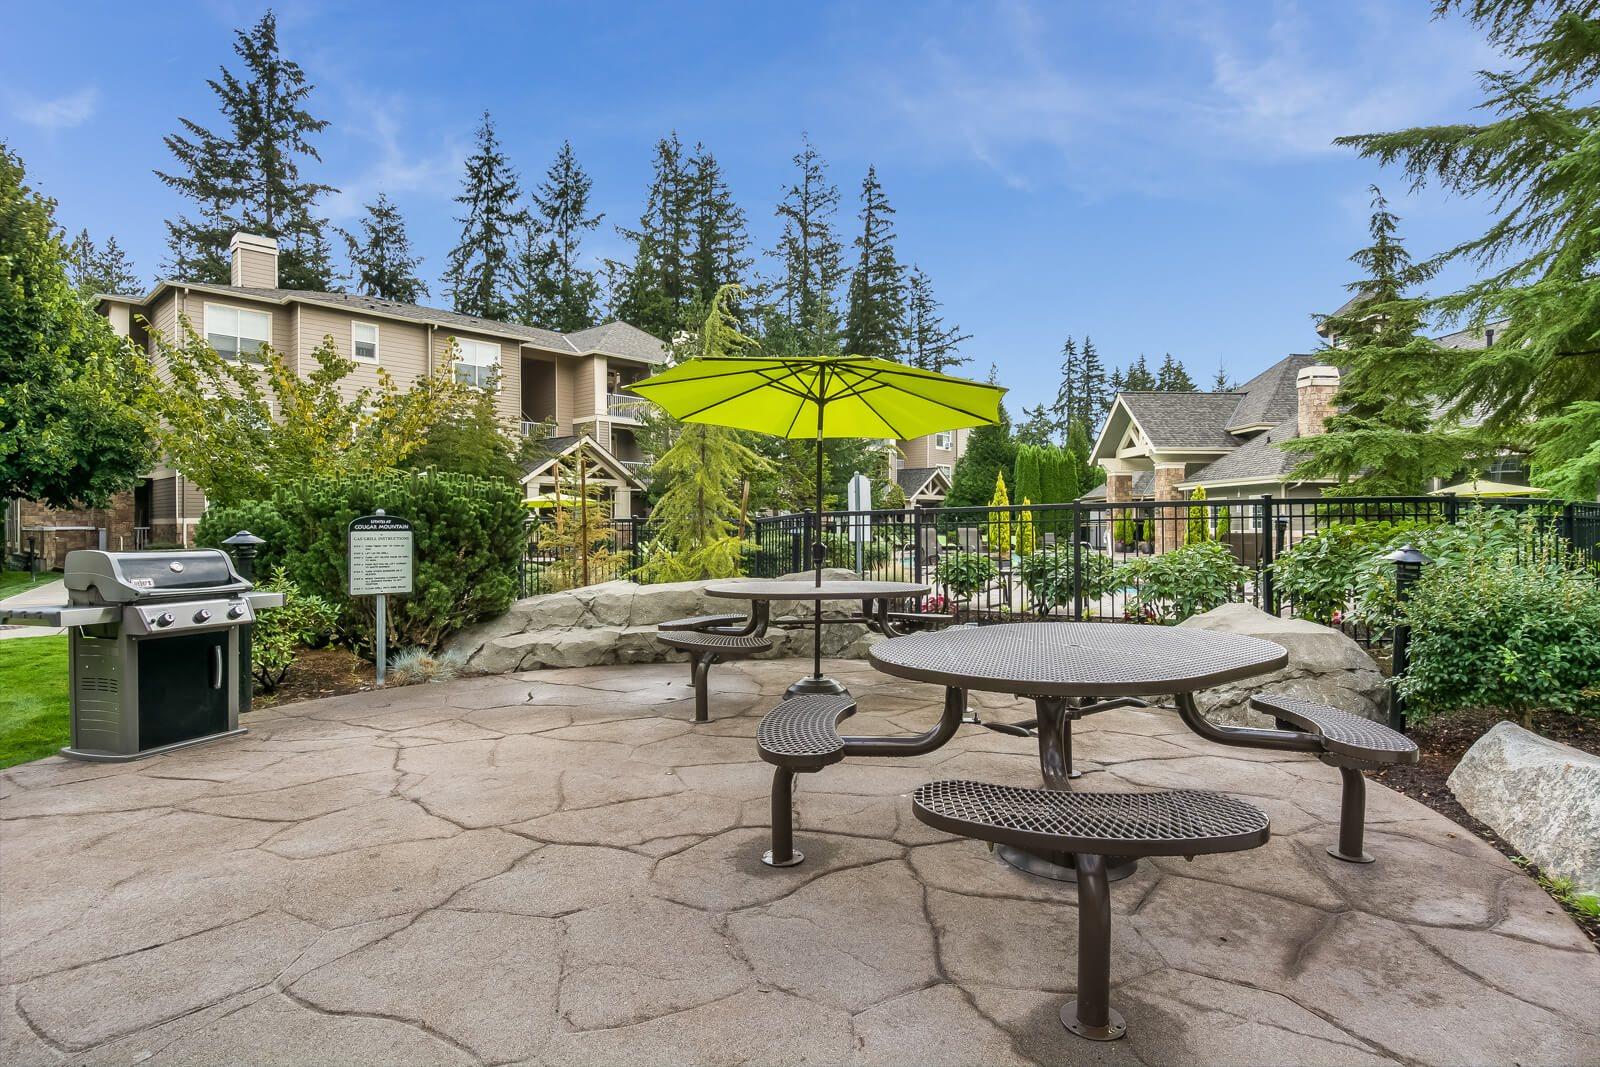 Picnic and BBQ Area at The Estates at Cougar Mountain, 98027, WA